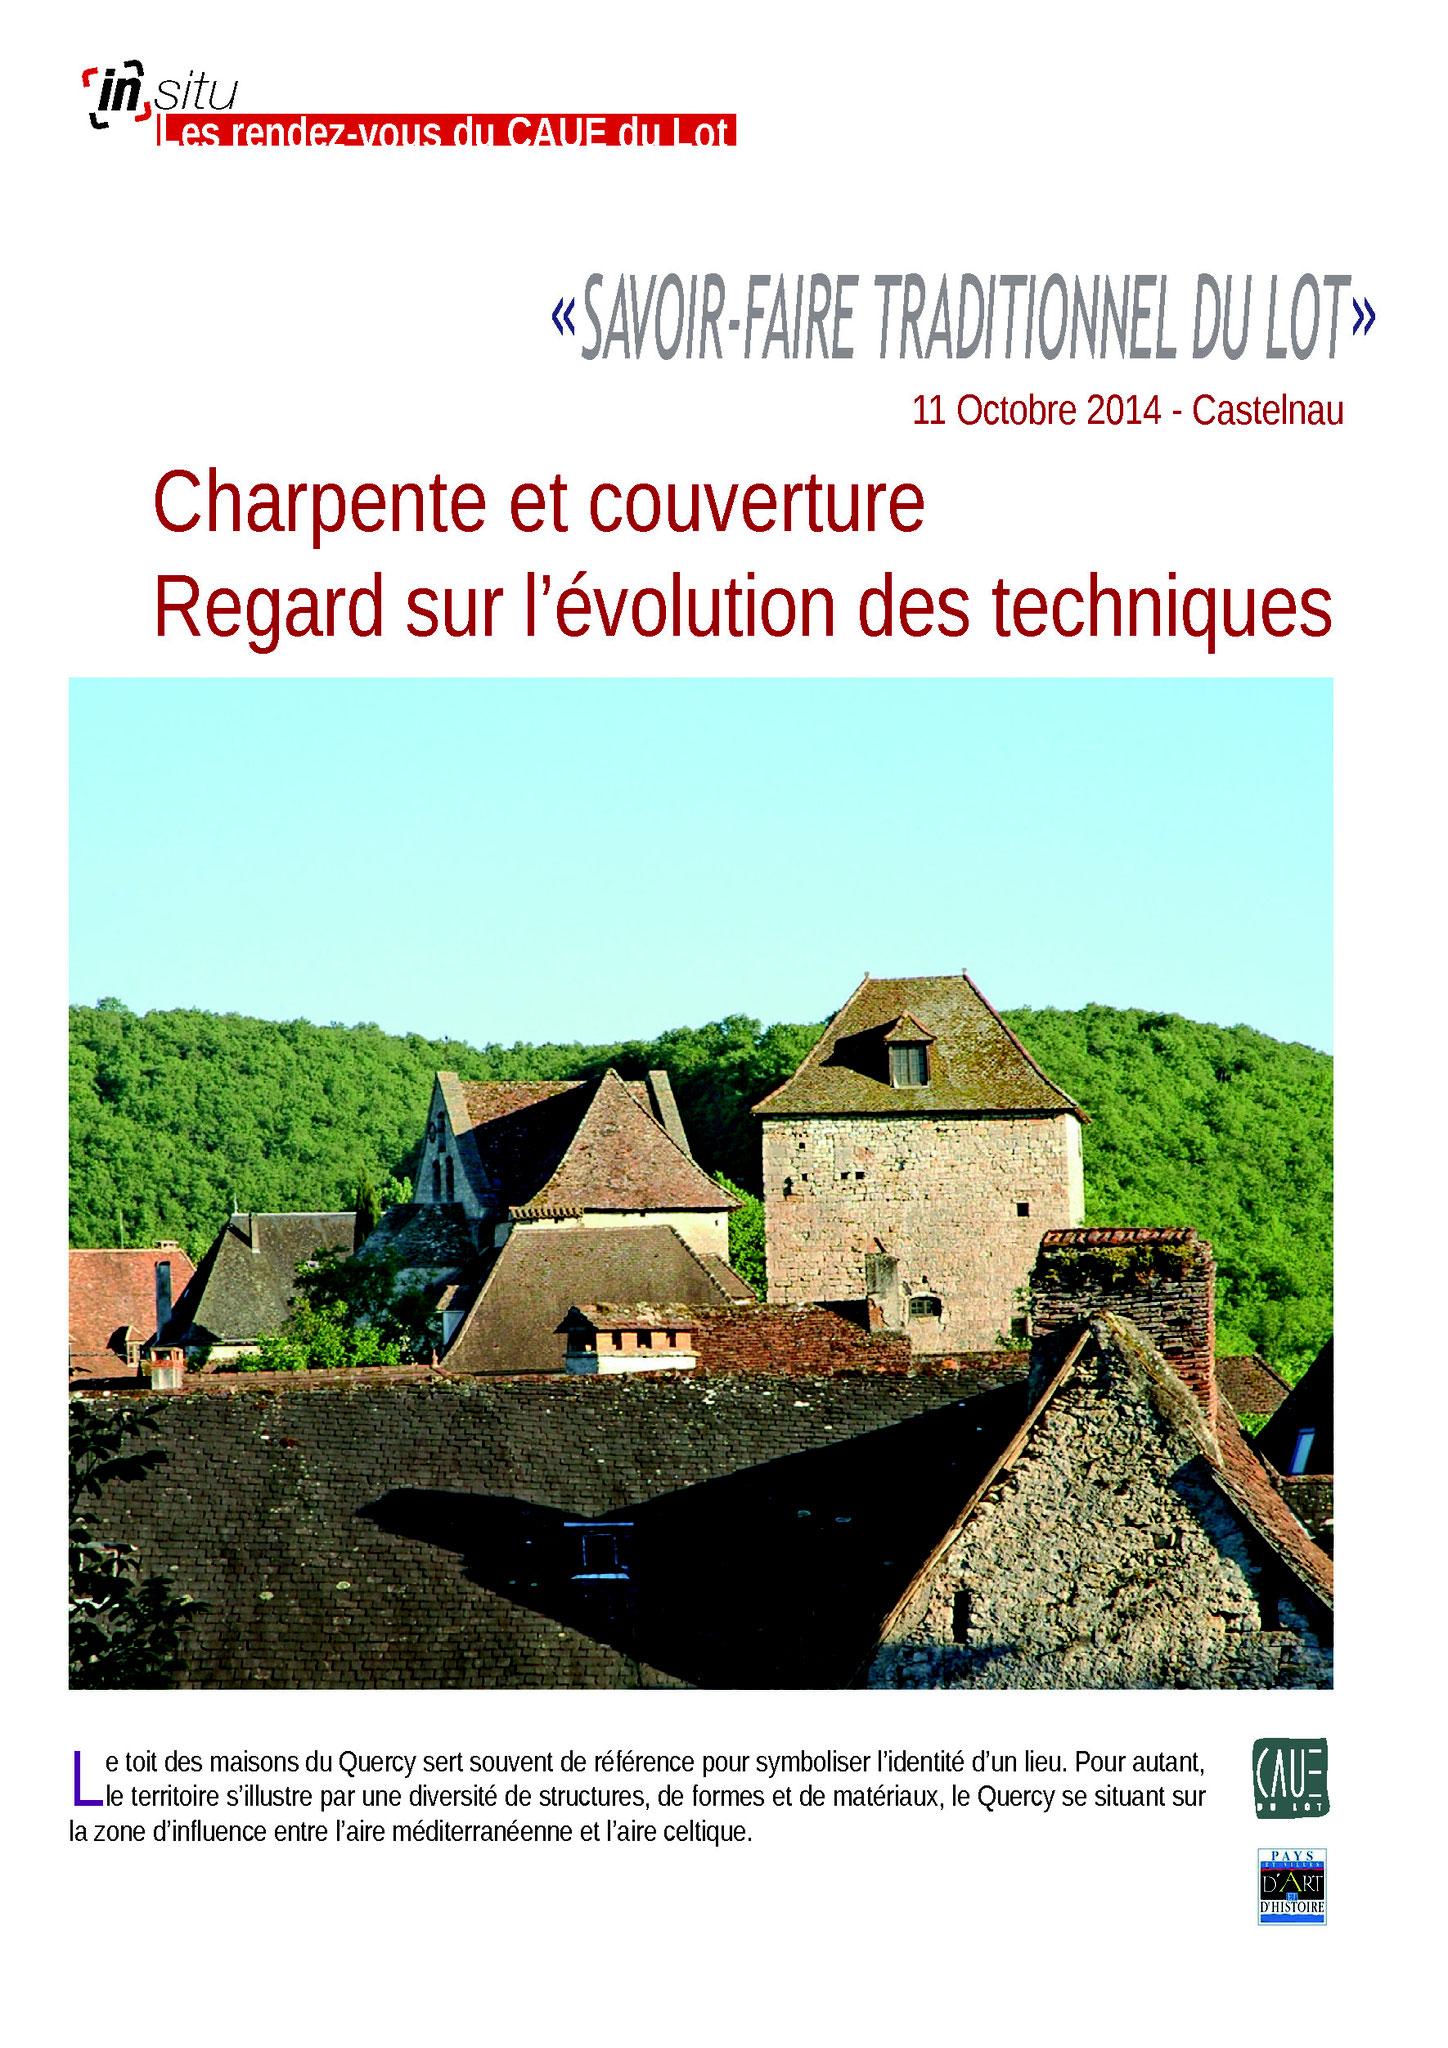 Charpente et couverture - Castelnau - Octobre 2014